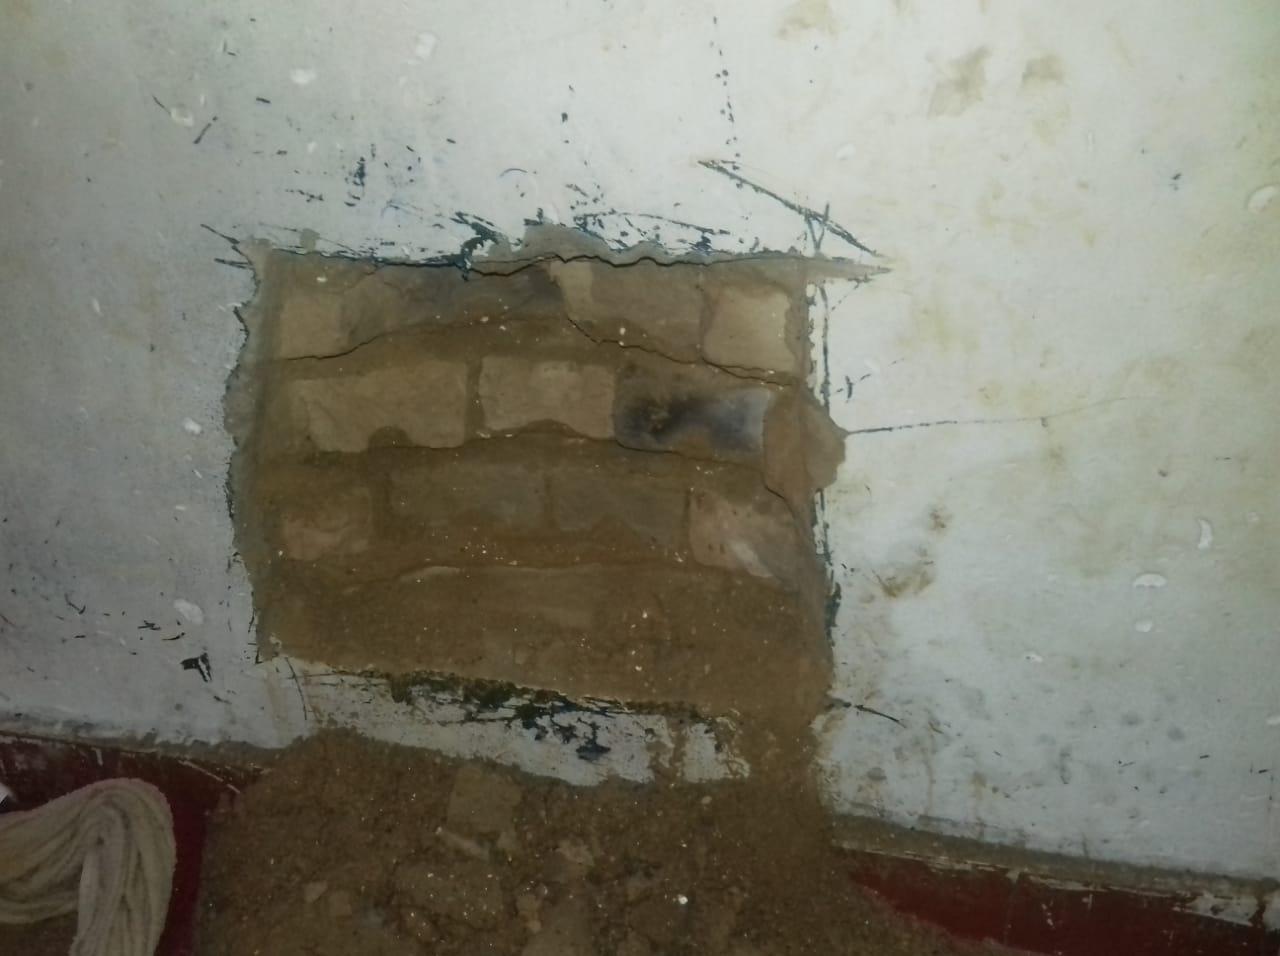 Agentes encontram escavação e frustram tentativa de fuga na cadeia de Cristalândia